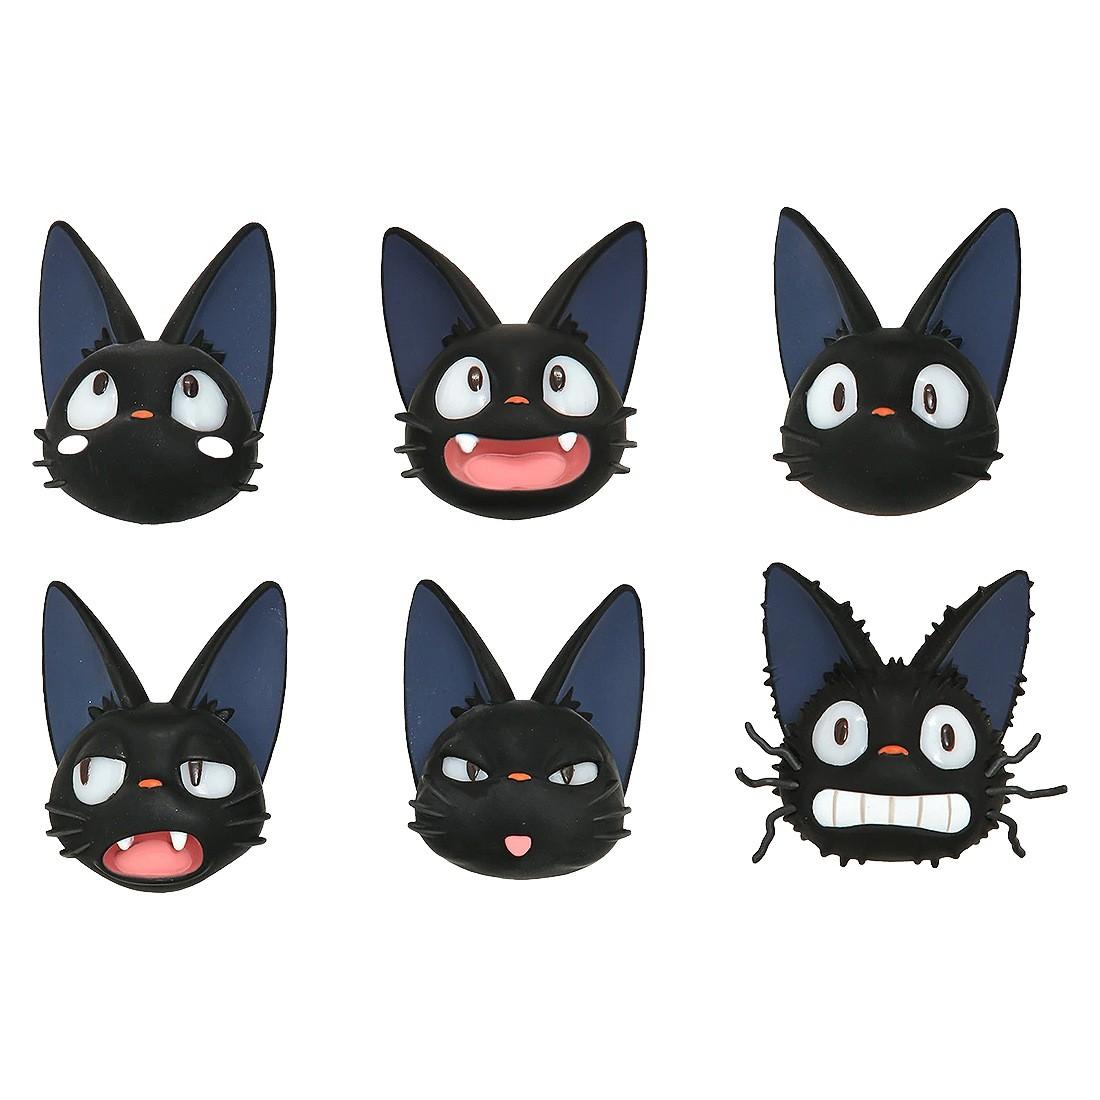 Studio Ghibli Benelic Kiki S Delivery Service Jiji Face Magnet 1 Blind Box